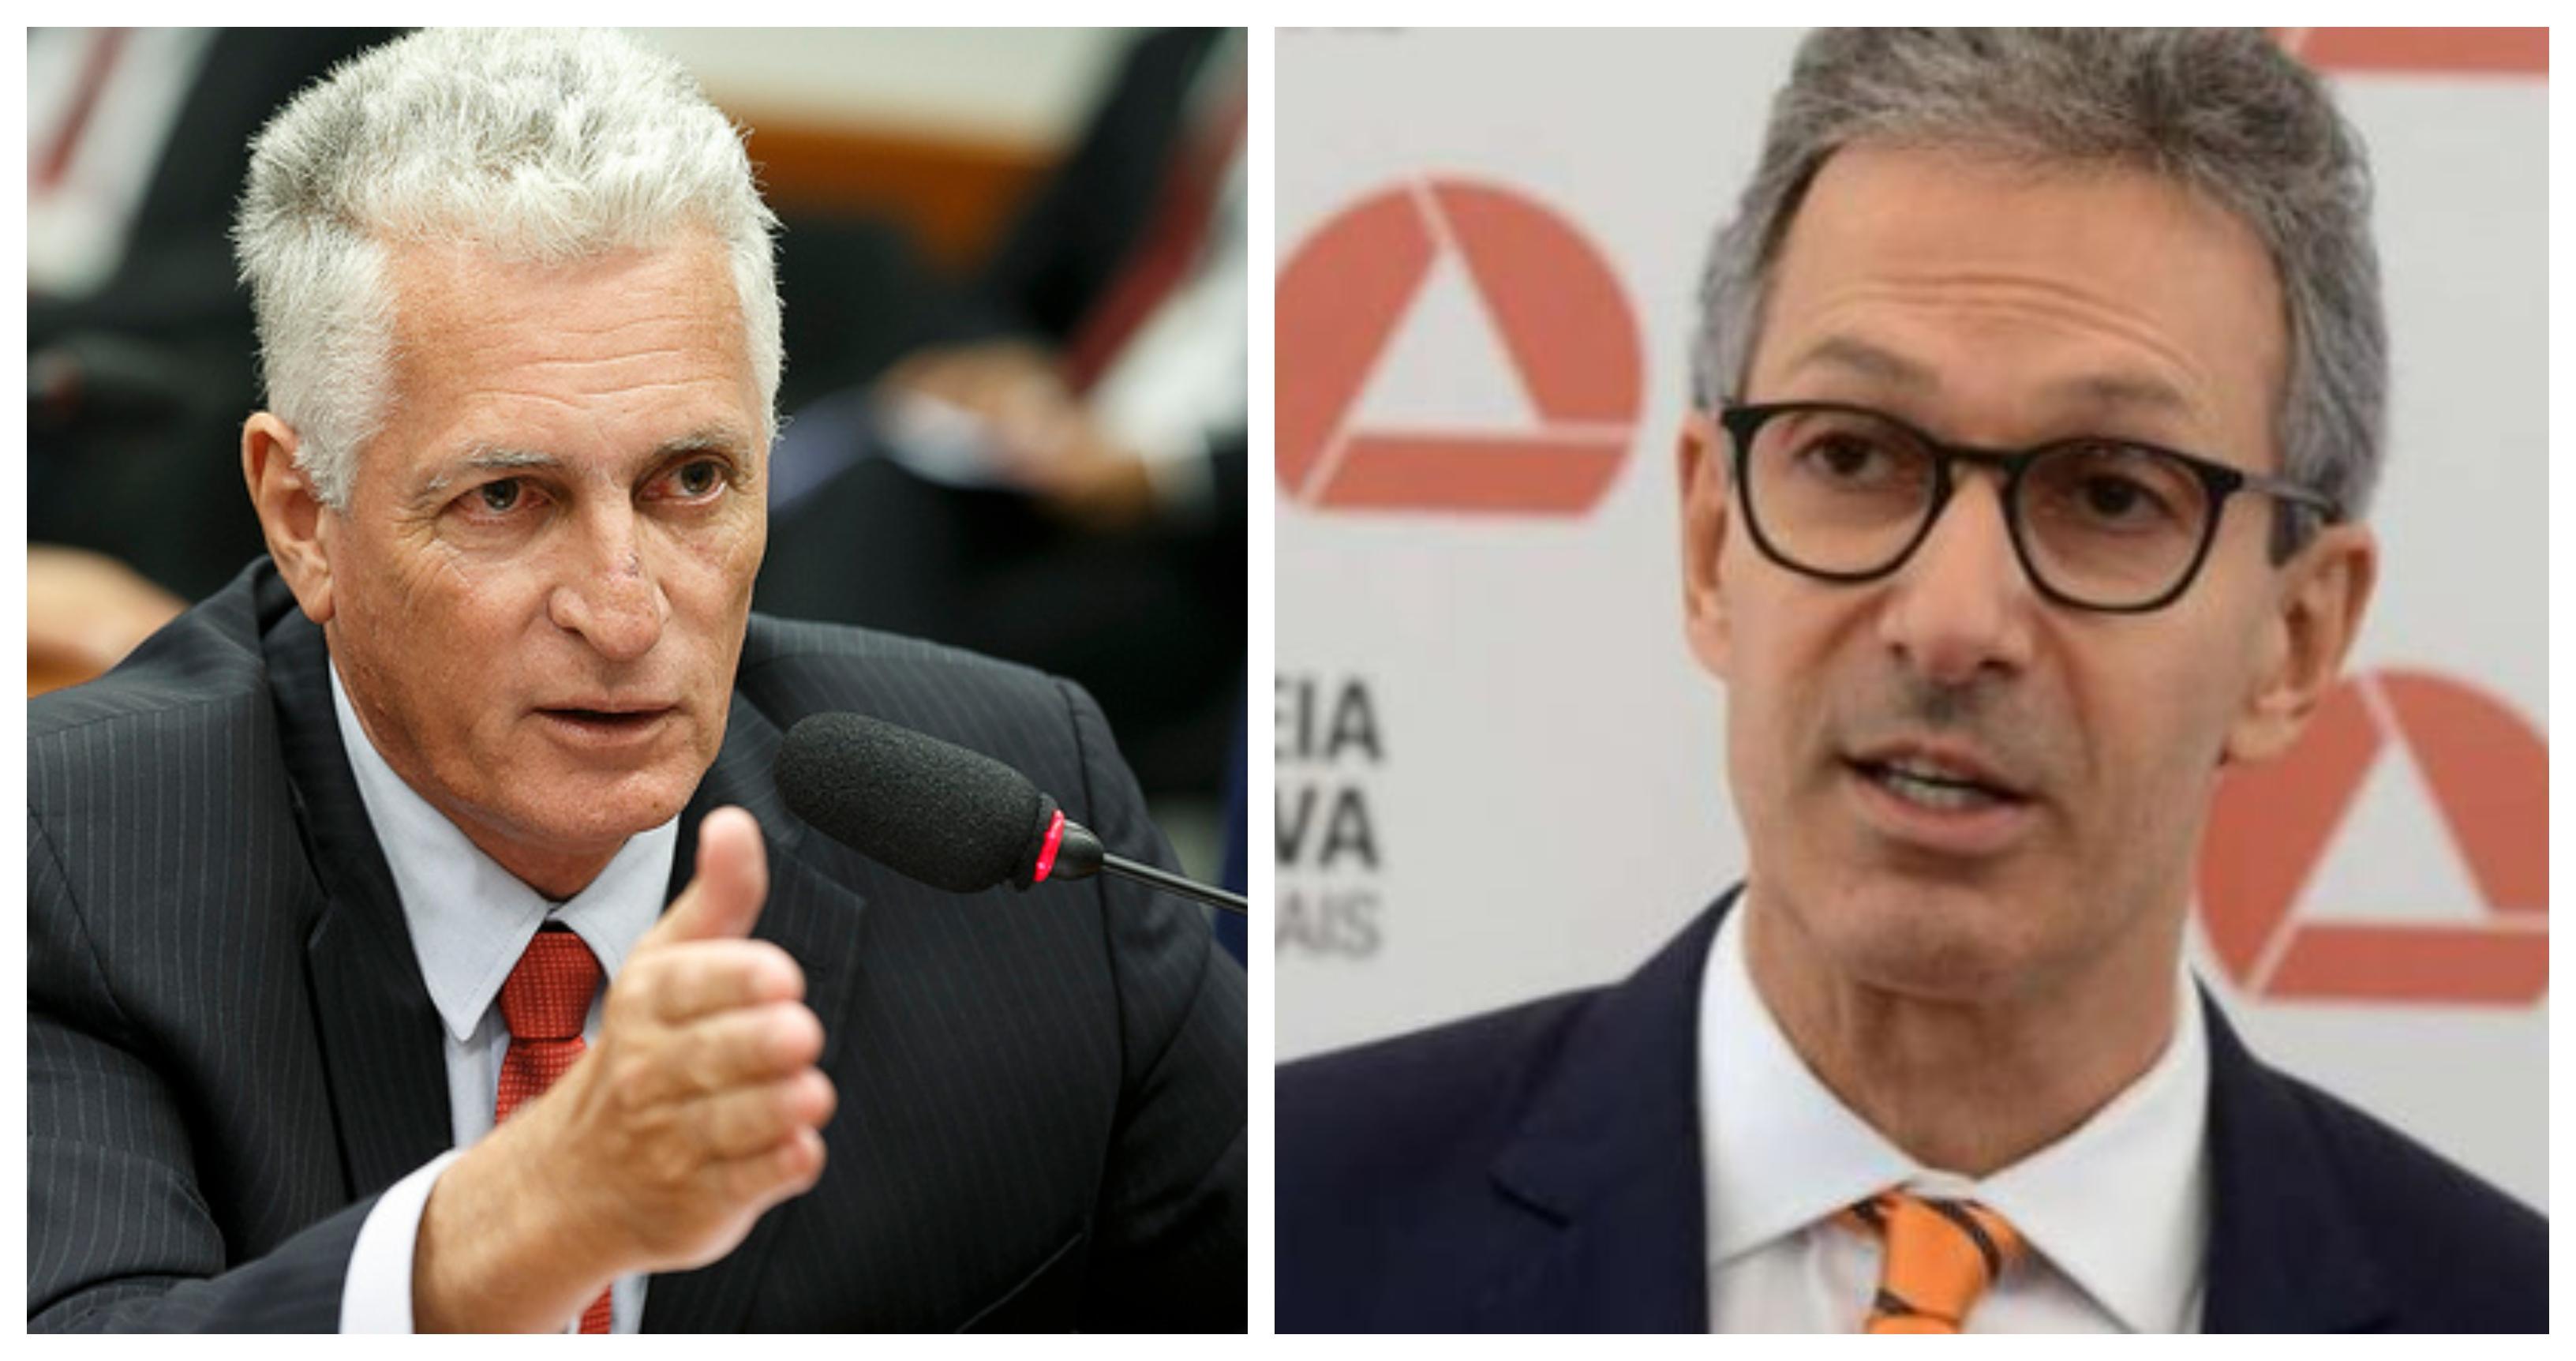 Rogério Correia denuncia Zema por uso indevido de dinheiro da Saúde e Educação; vídeo